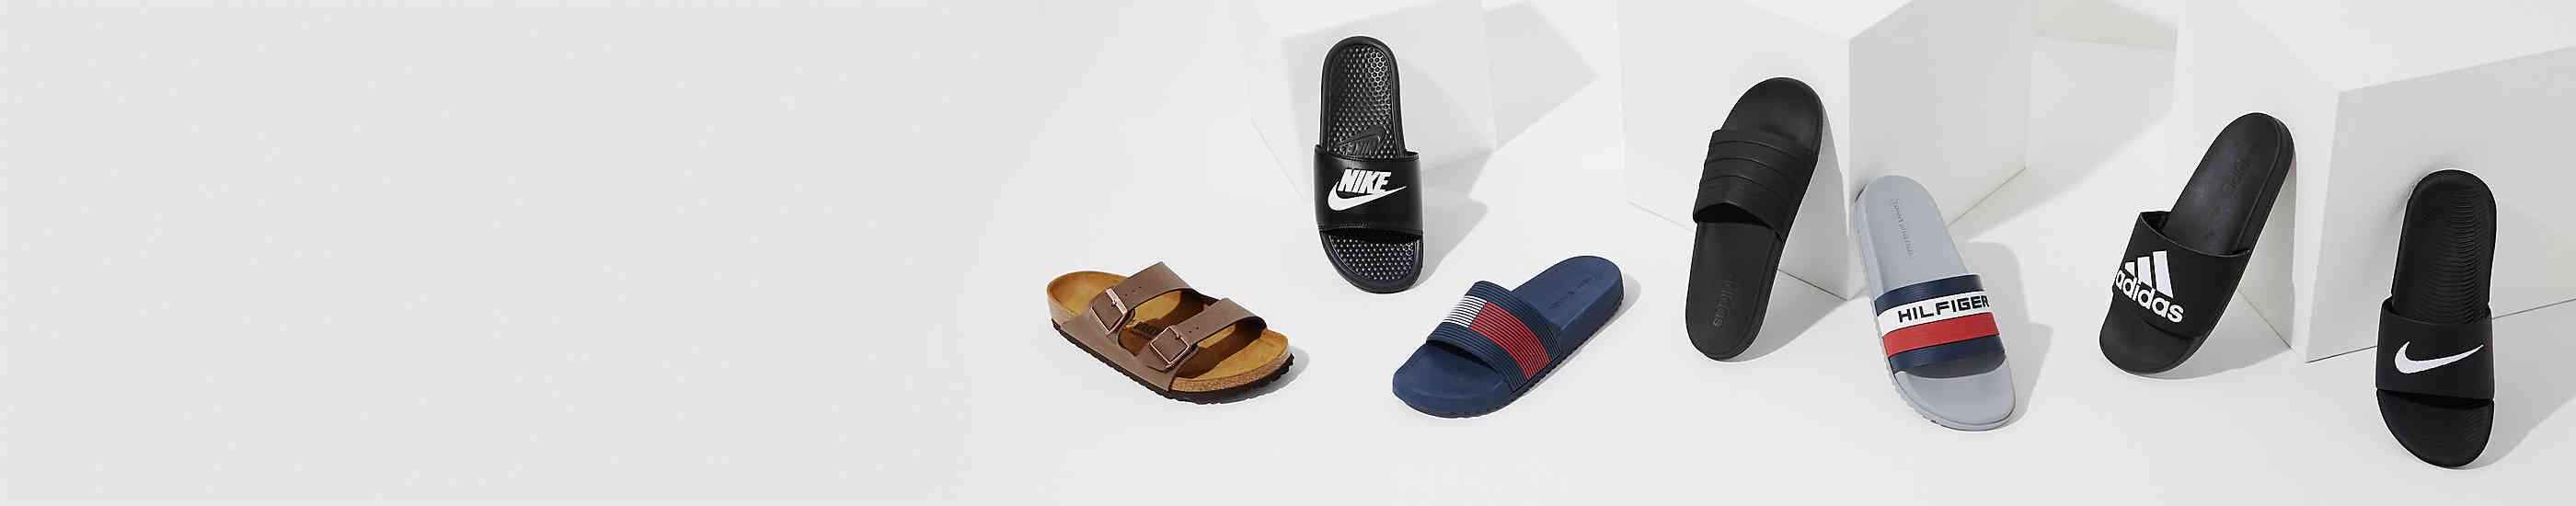 978e9ec01367 Men s Sandals